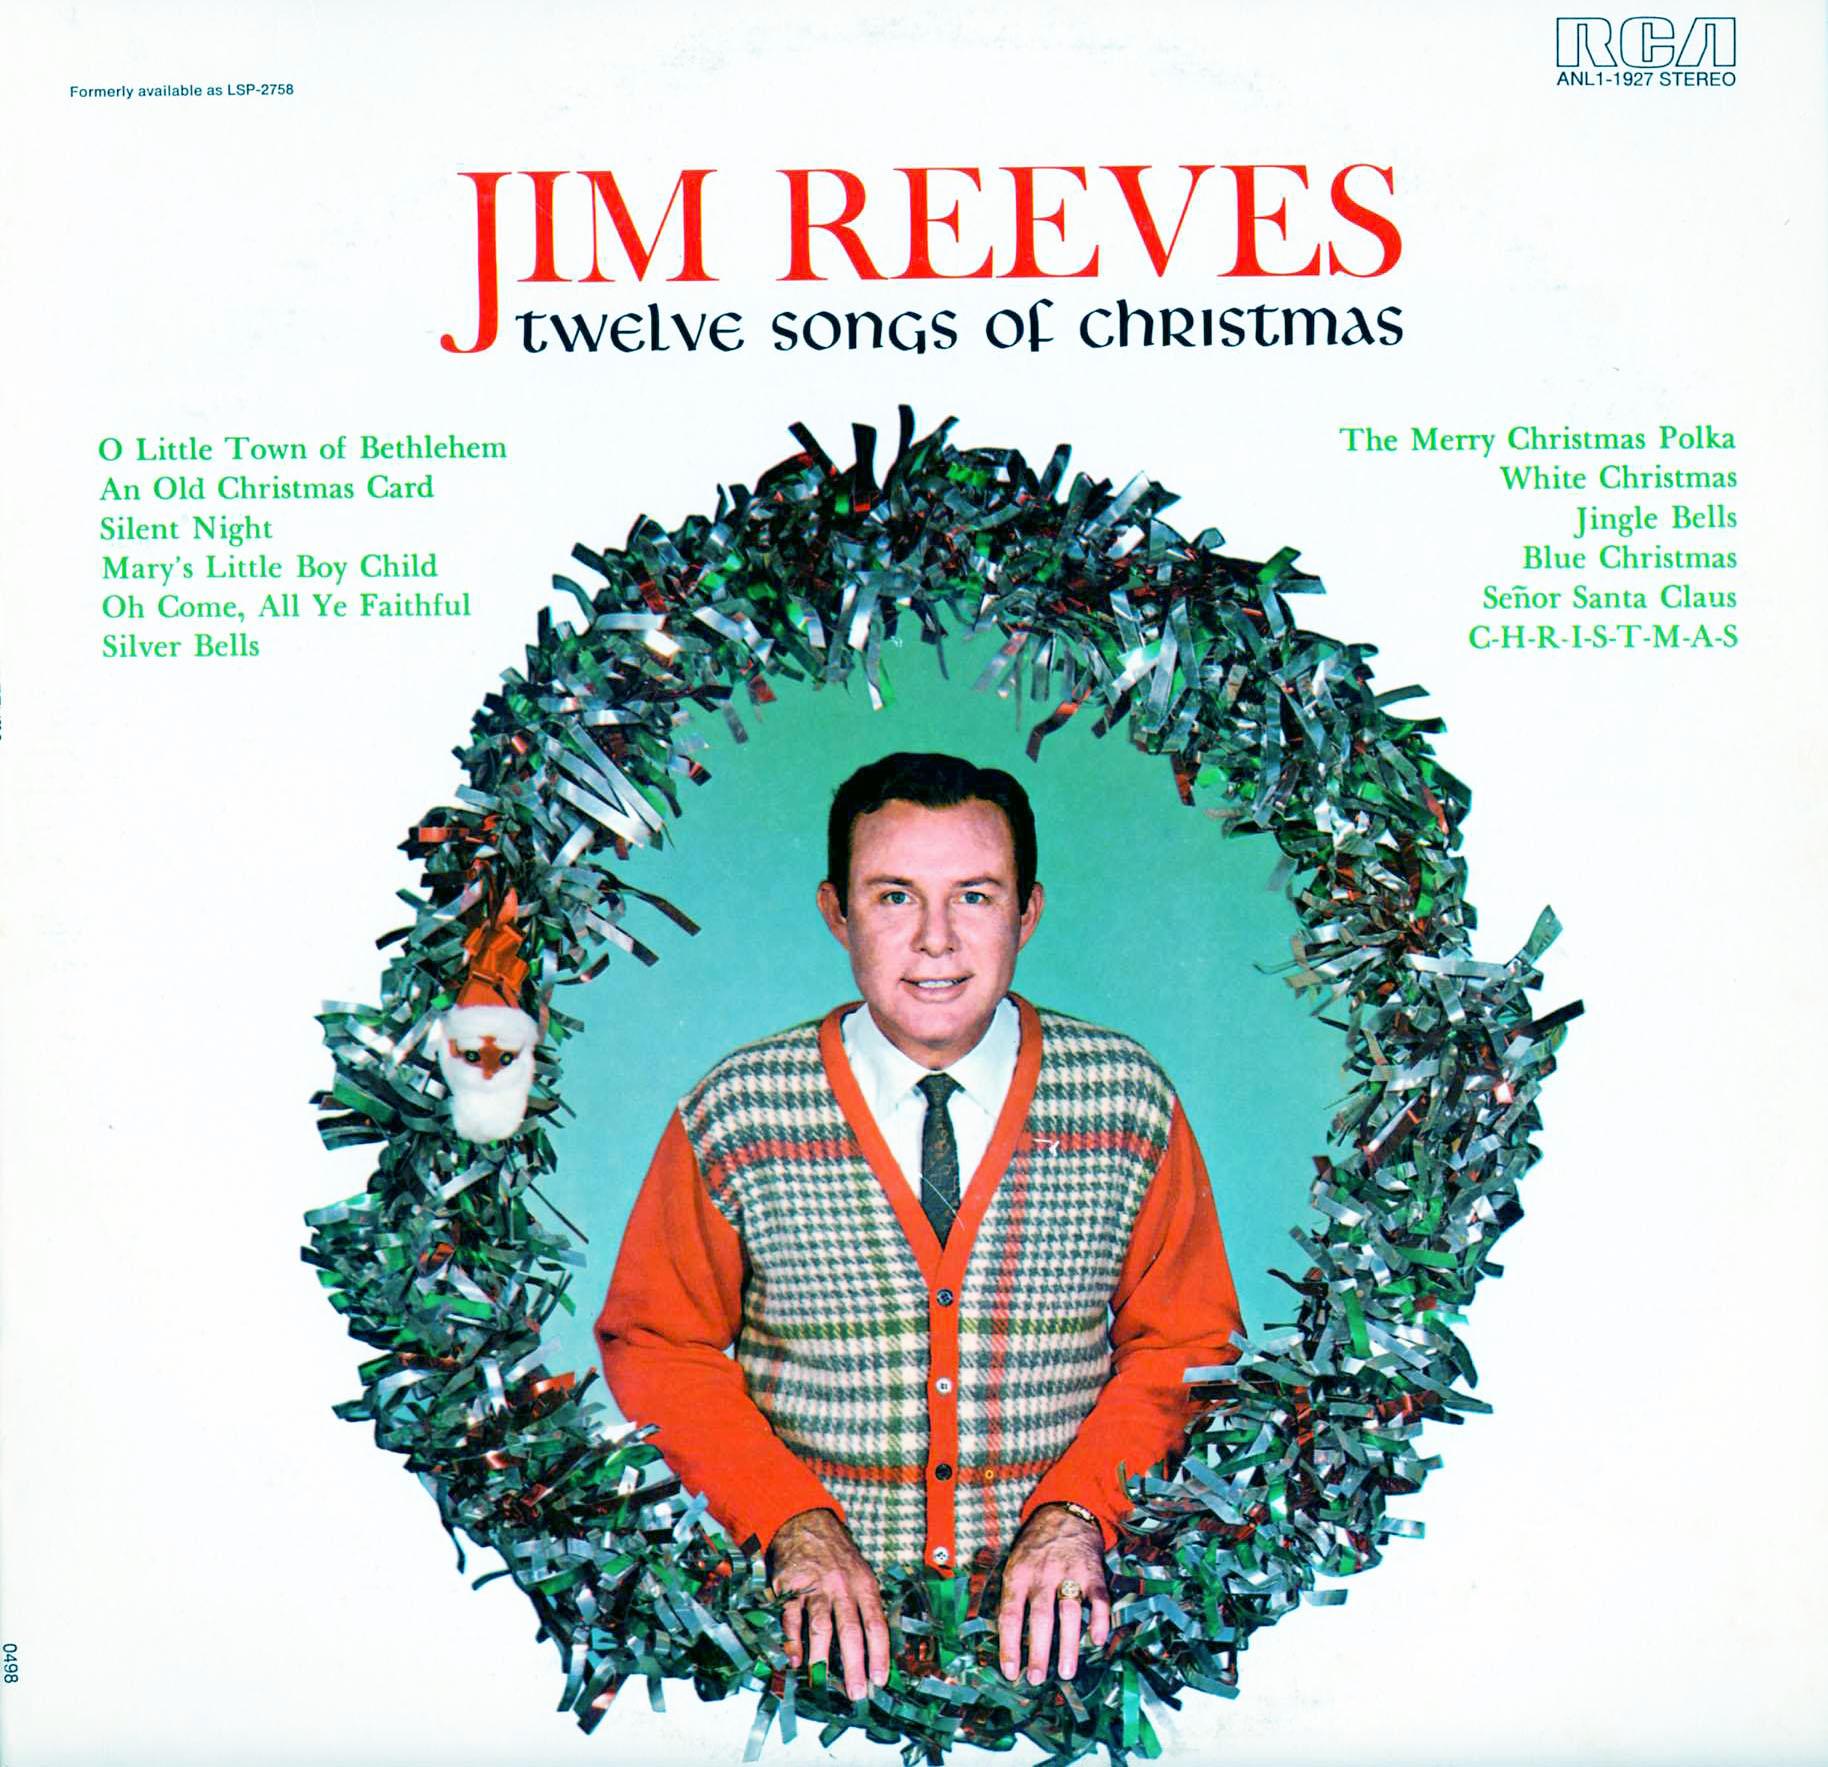 MP3 Download. Reeves, Jim. Twelve Songs of Christmas. (LPM2758, LSP2758, ANL11927, CDS1160 ...